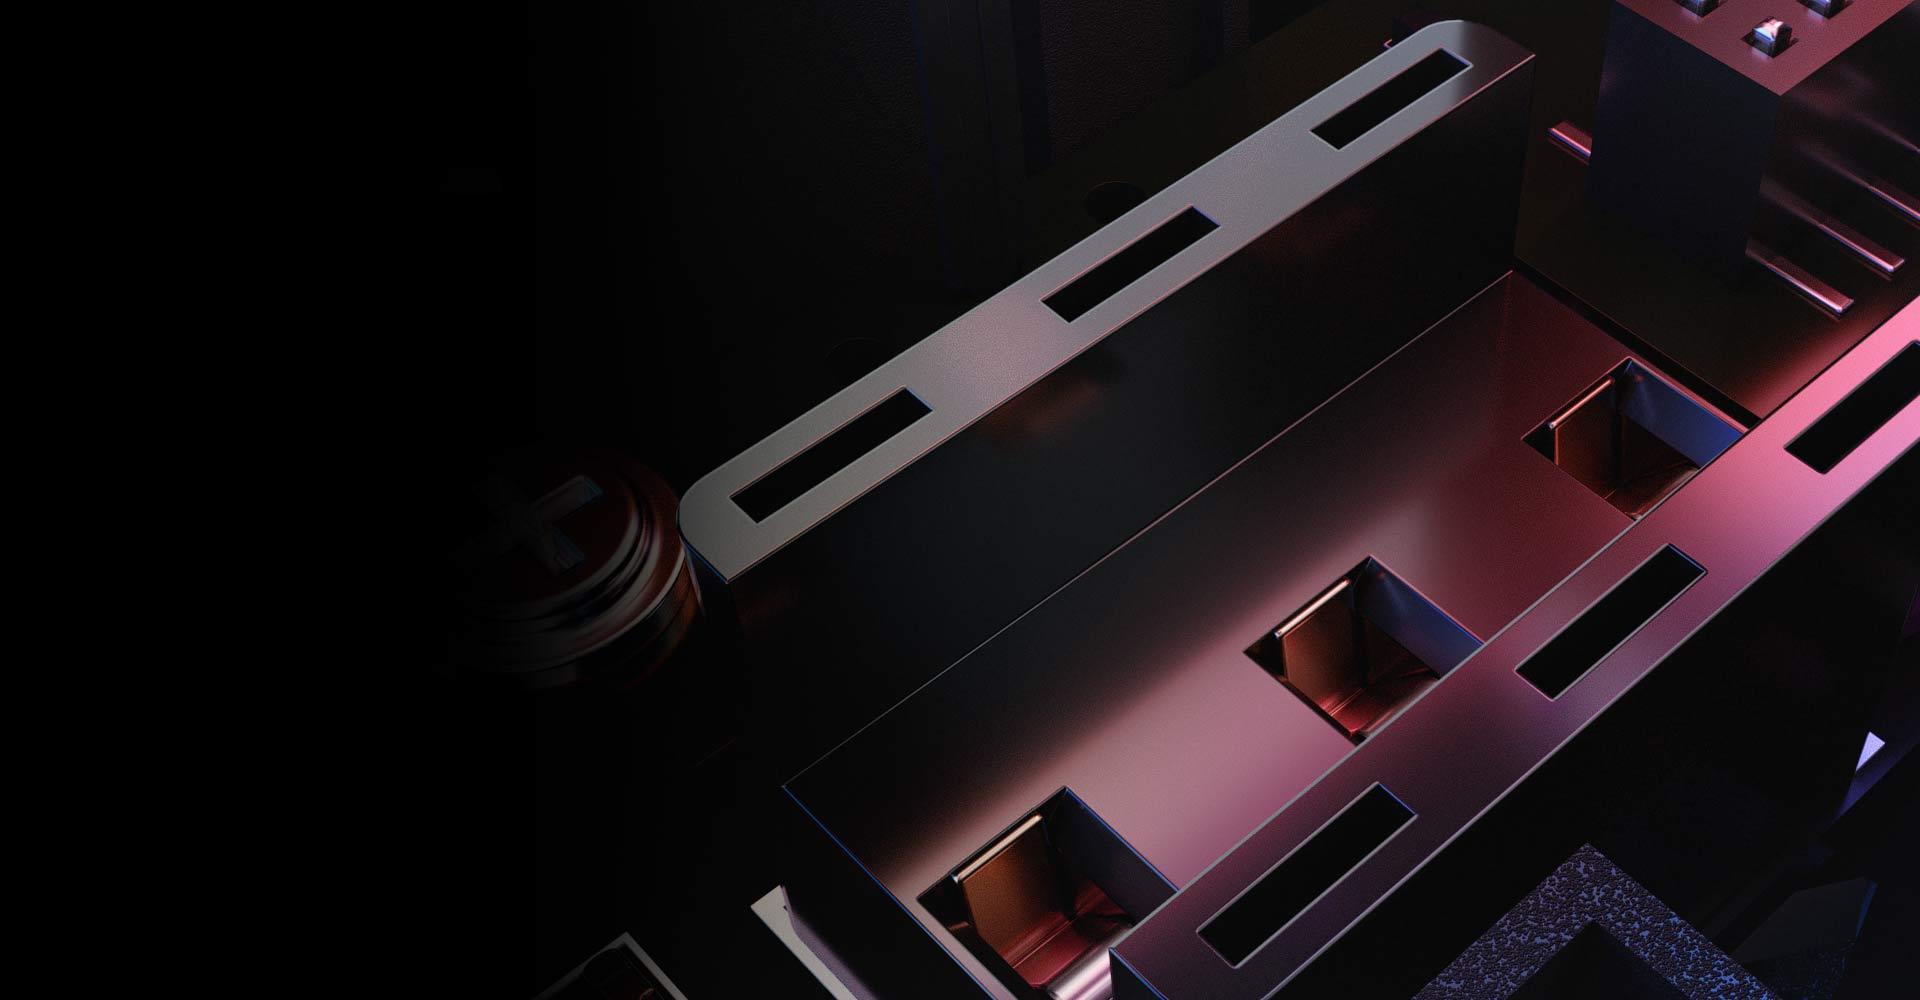 Chuột Asus ROG Keris (USB/RGB/màu đen) sử dụng thiết kế thay switch nóng độc quyền